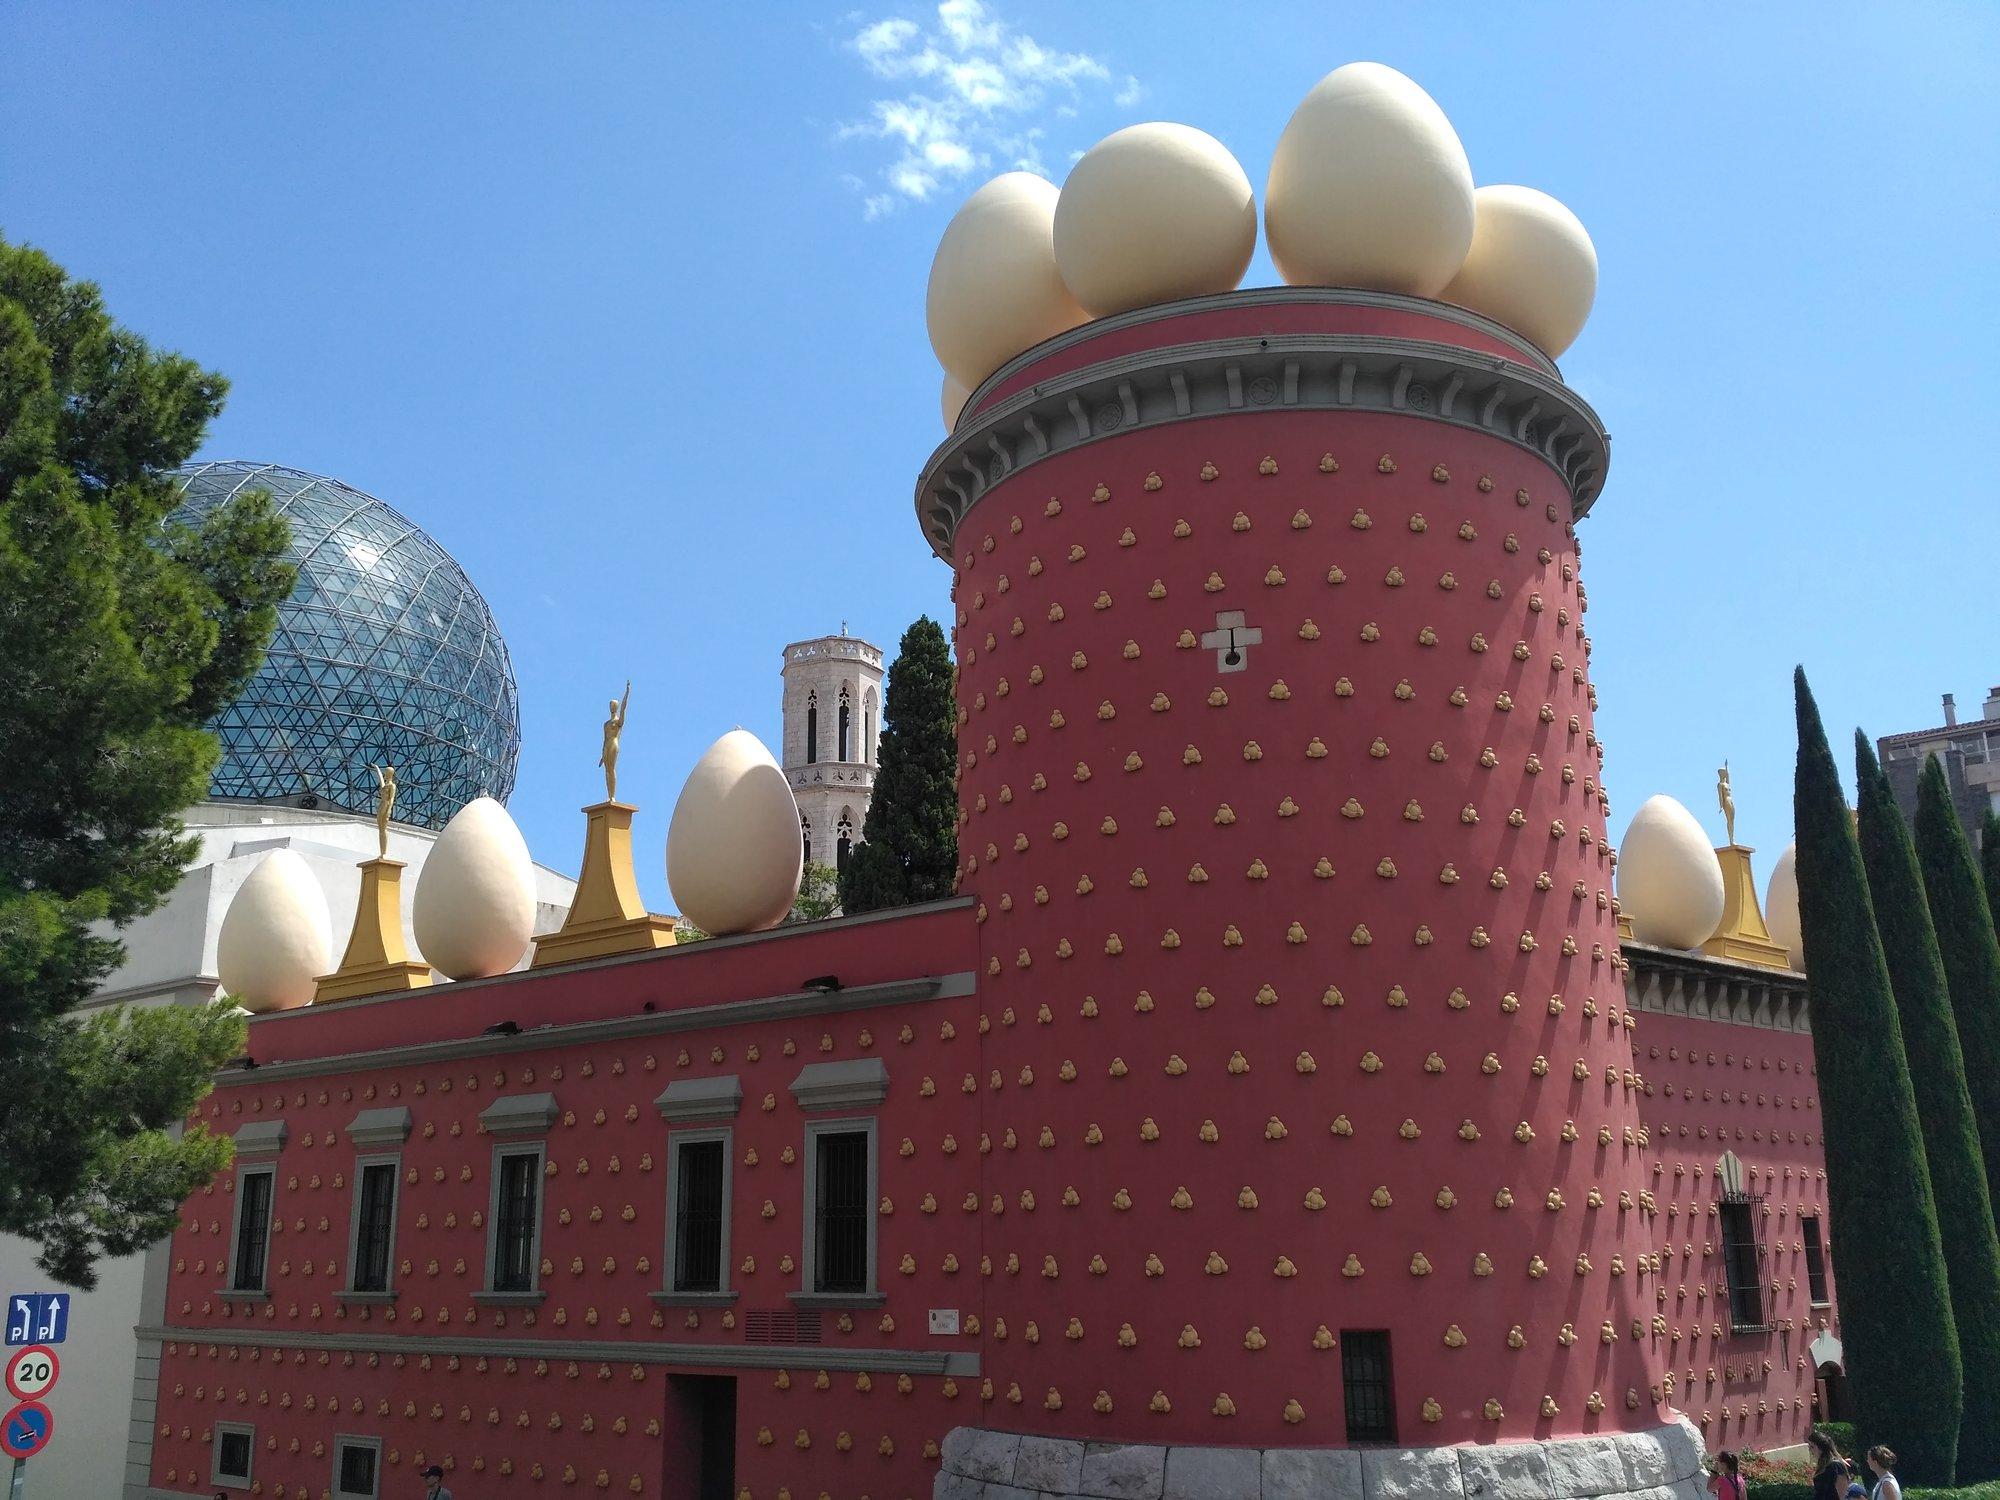 surrealistická výzdoba muzea s pro Dalího typickými vejci